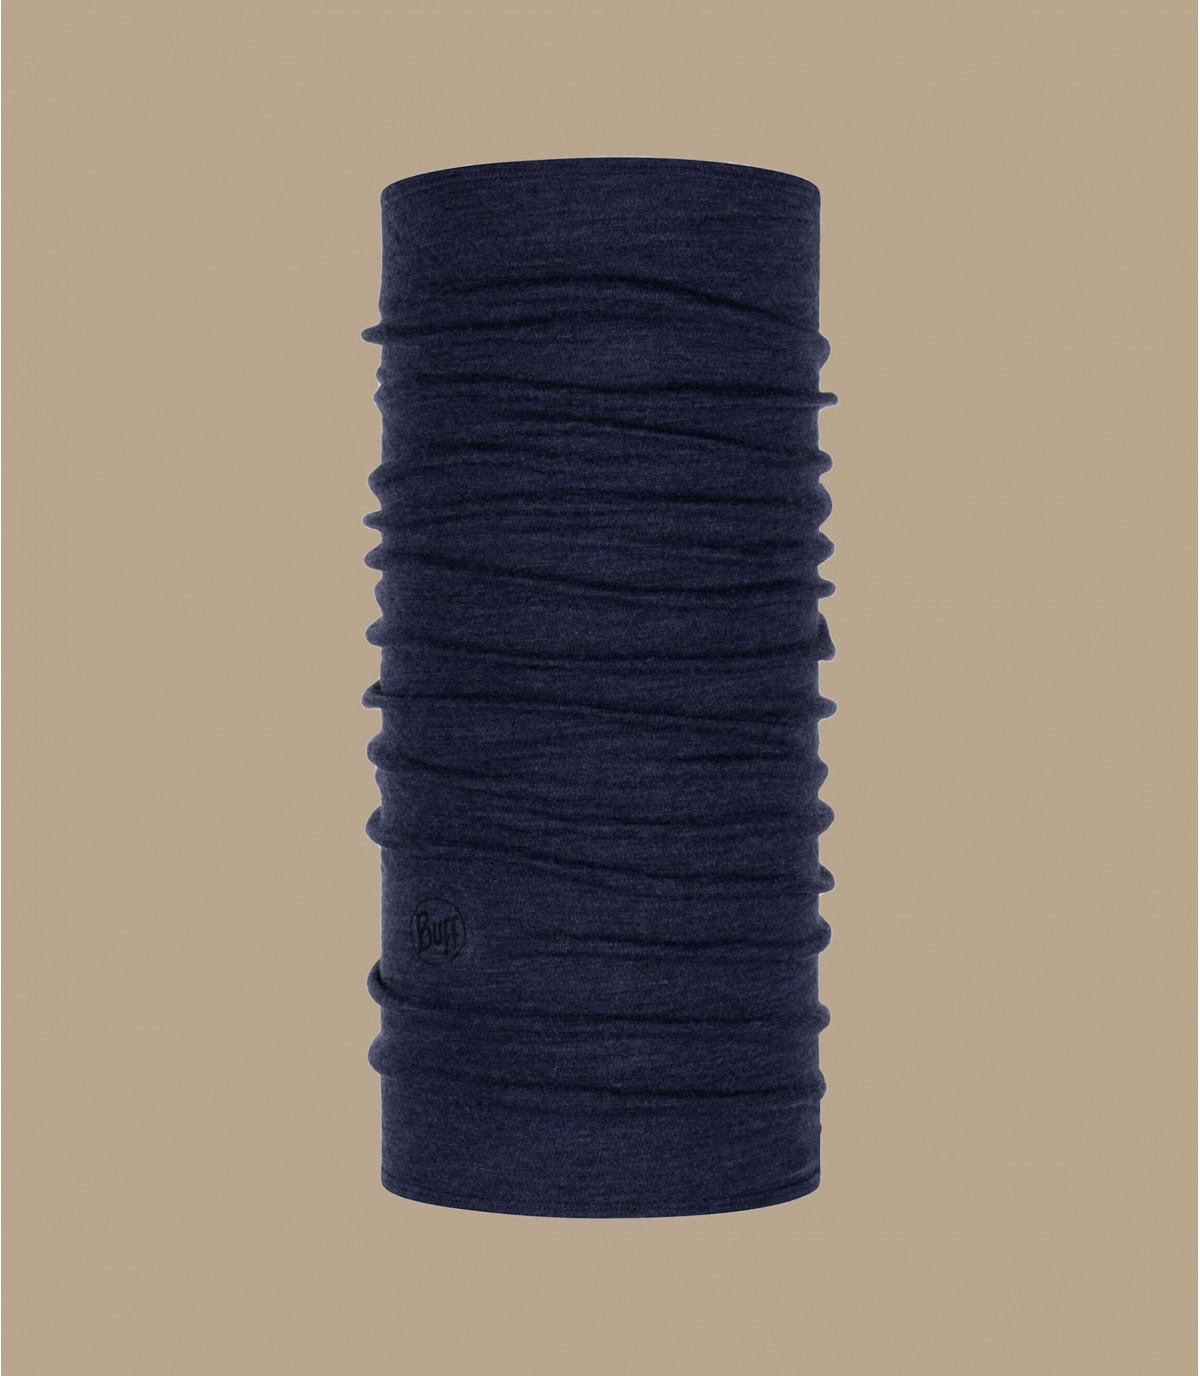 Merino blue buff lana merino